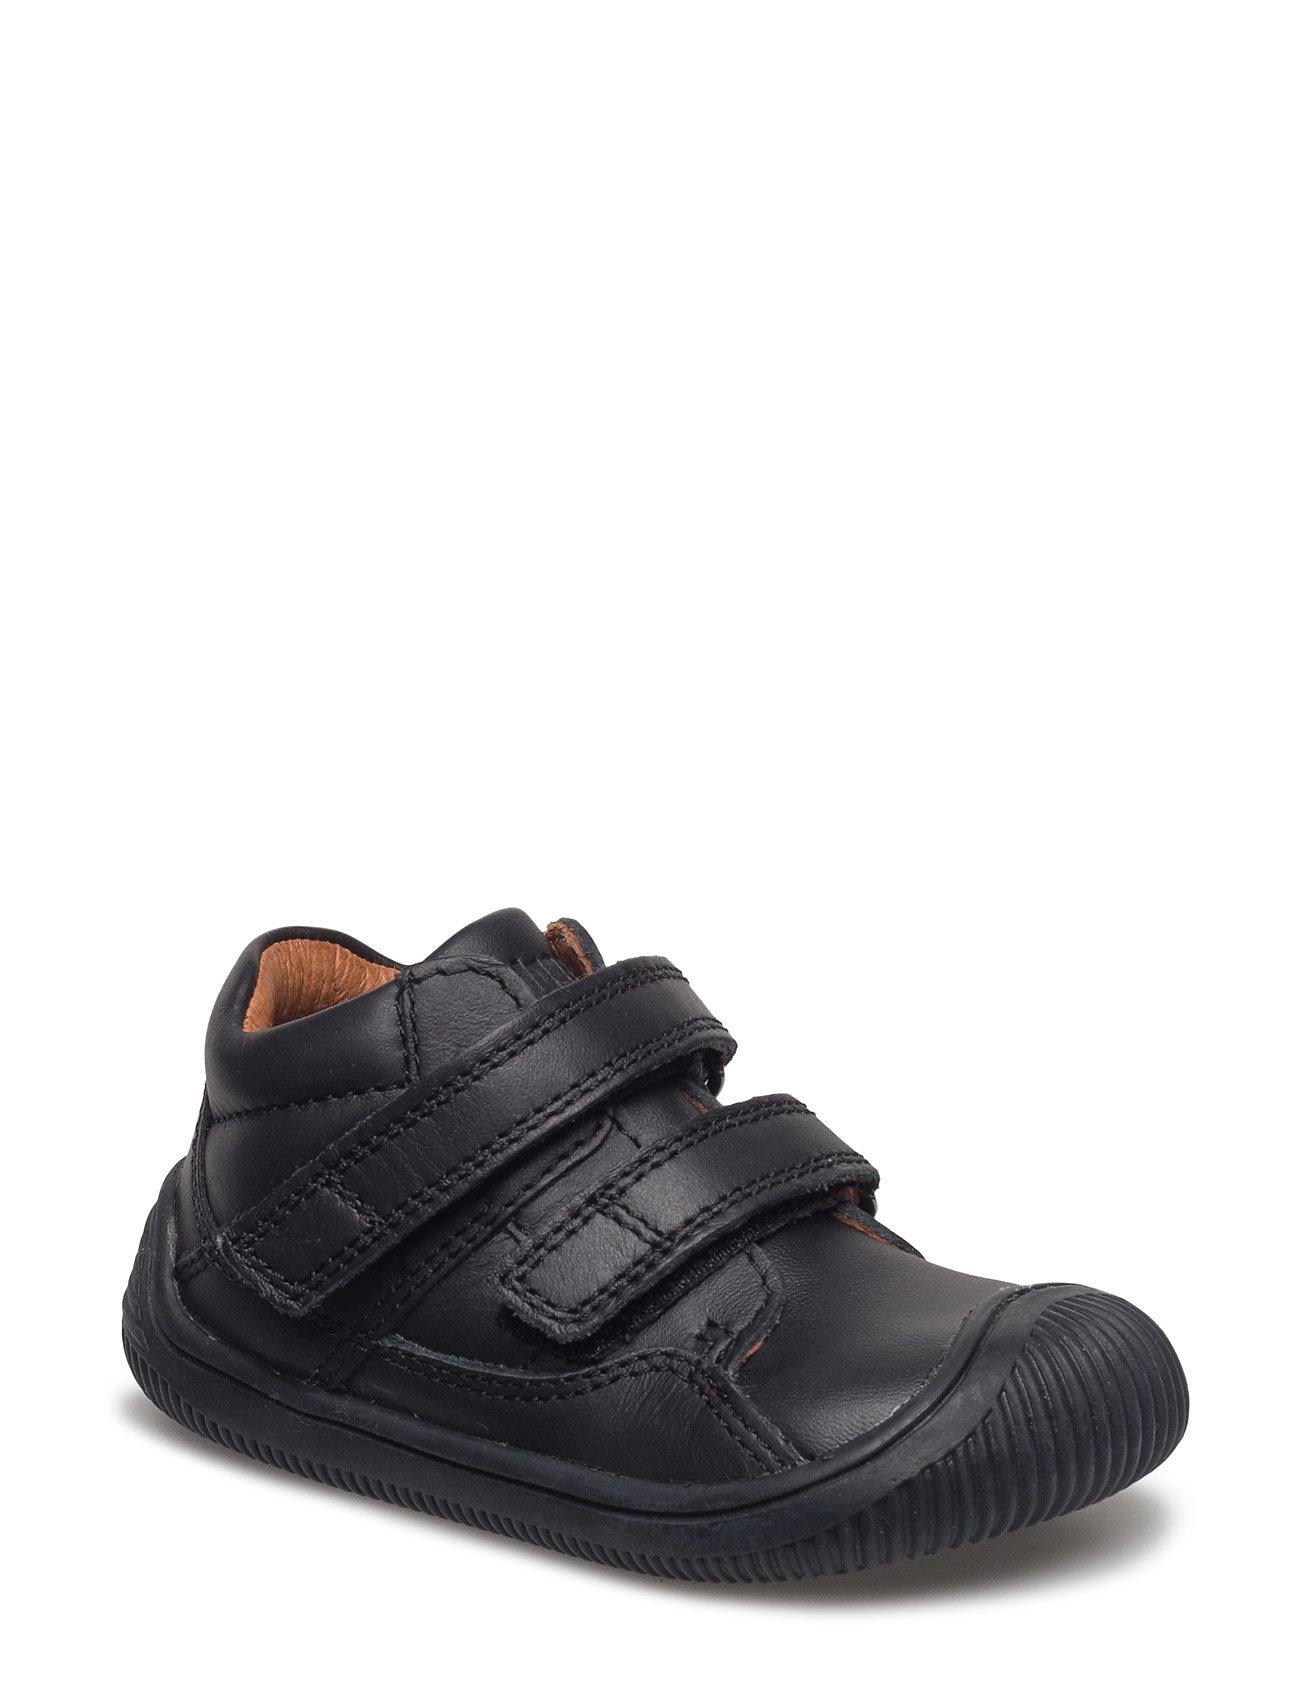 bf789b2dc07 Bundgaard sneakers – Walk With Velcro til børn i Sort - Pashion.dk